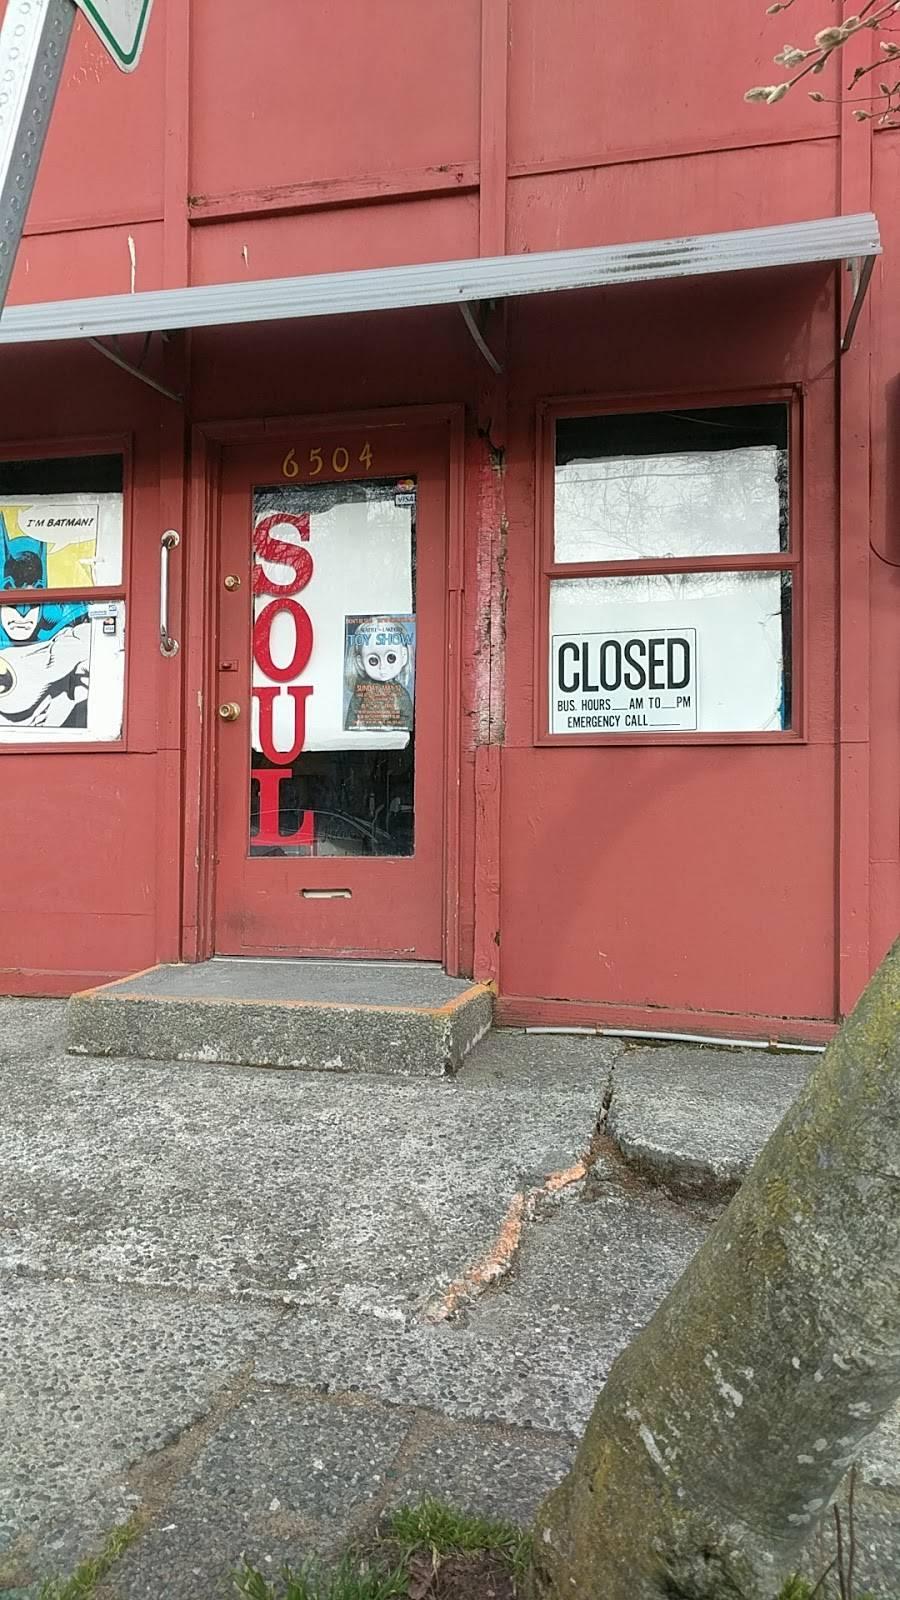 M & L Records & Models - electronics store  | Photo 4 of 5 | Address: 6504 Ravenna Ave NE #7041, Seattle, WA 98115, USA | Phone: (206) 522-8189